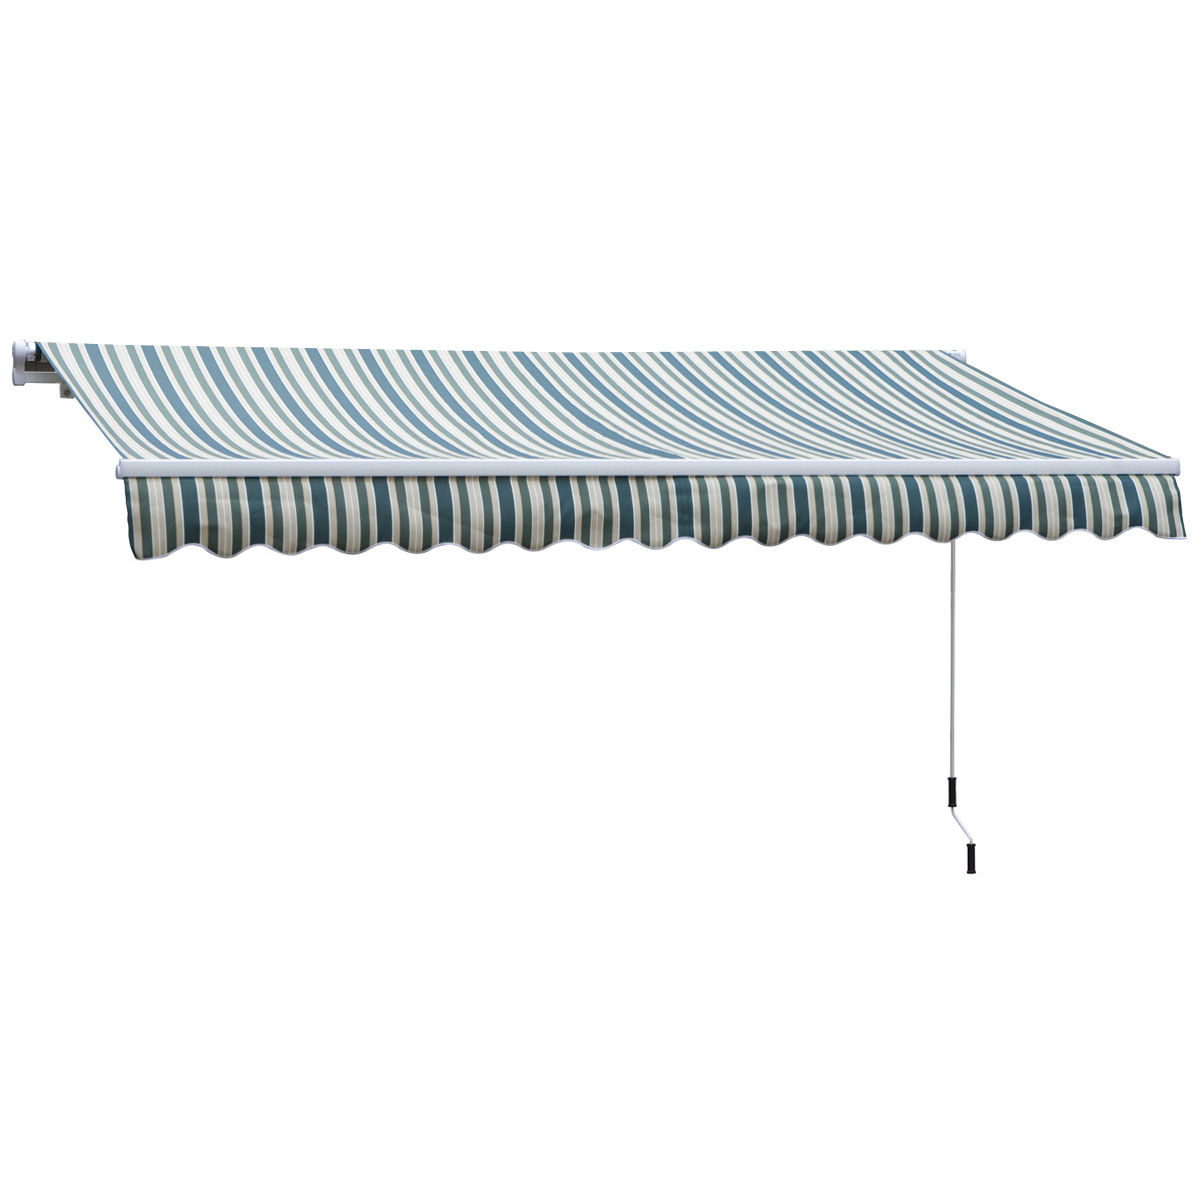 store bannes long 3 50 m larg 2 50 m jardin acheter ce produit au meilleur prix. Black Bedroom Furniture Sets. Home Design Ideas